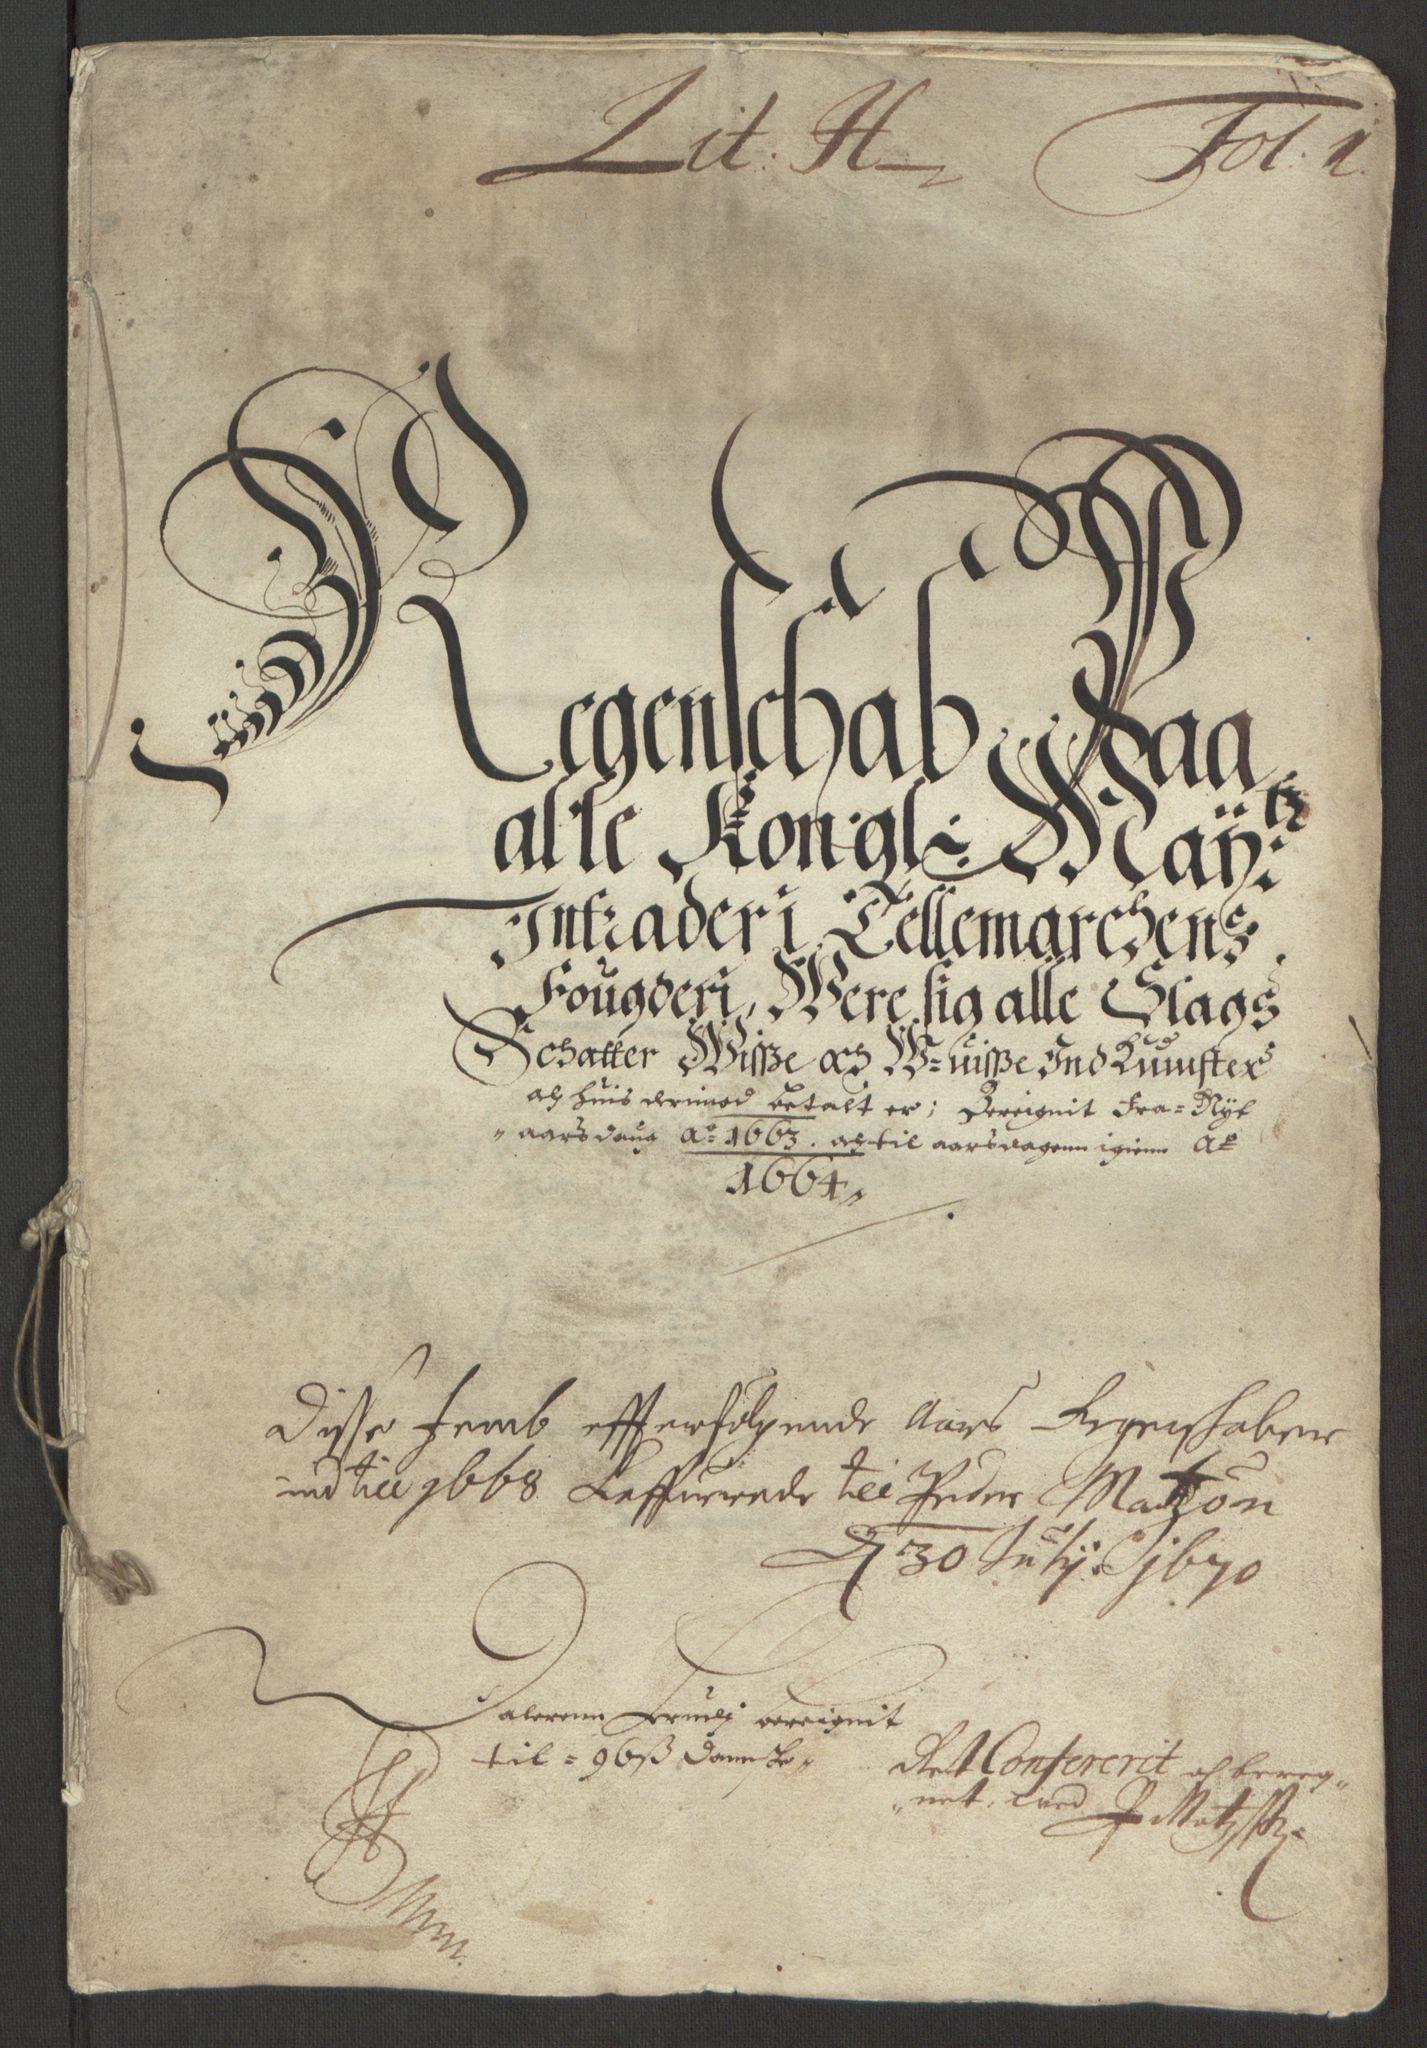 RA, Rentekammeret inntil 1814, Reviderte regnskaper, Fogderegnskap, R35/L2054: Fogderegnskap Øvre og Nedre Telemark, 1662-1663, s. 253